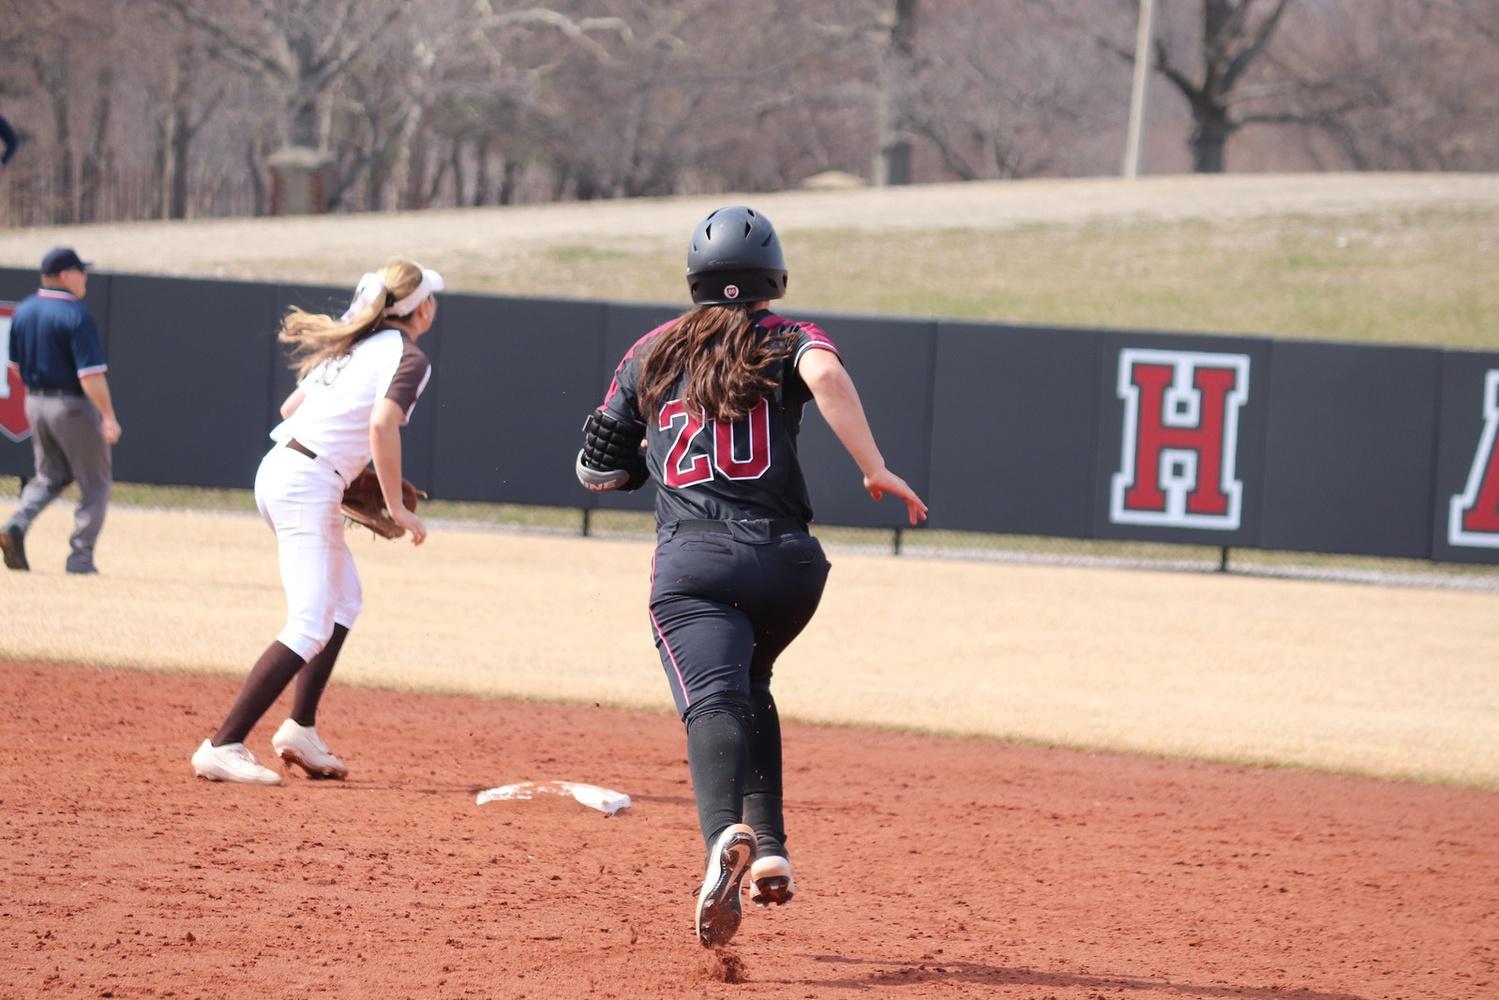 Senior INF Erin Lockhart dashes towards second base.